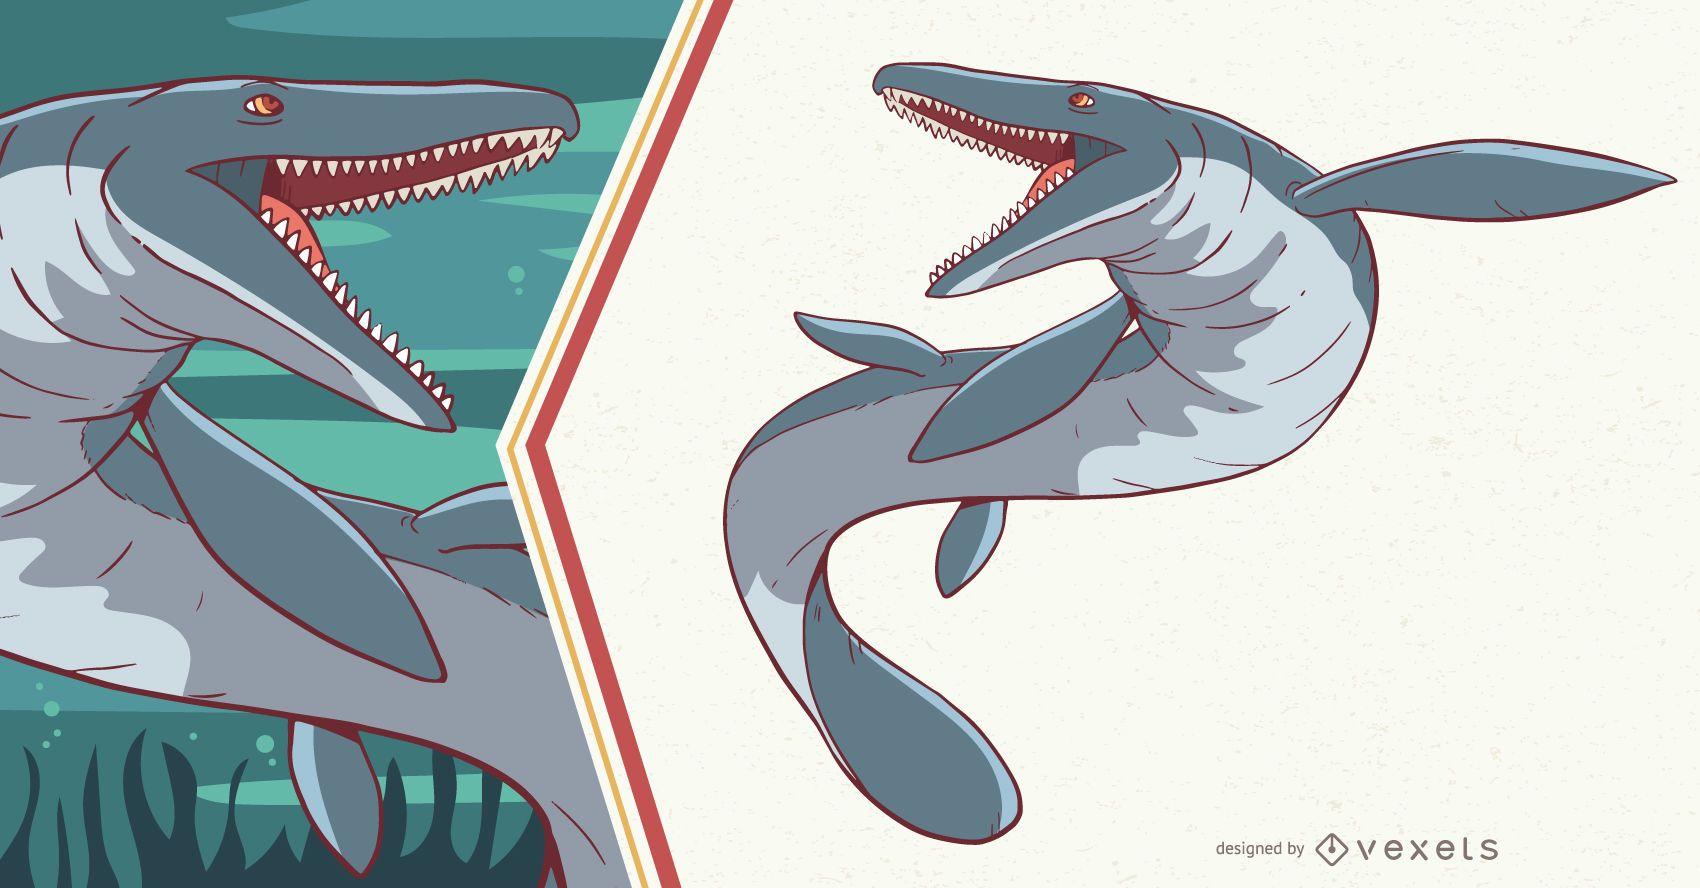 Mosasaurus dinosaur illustration